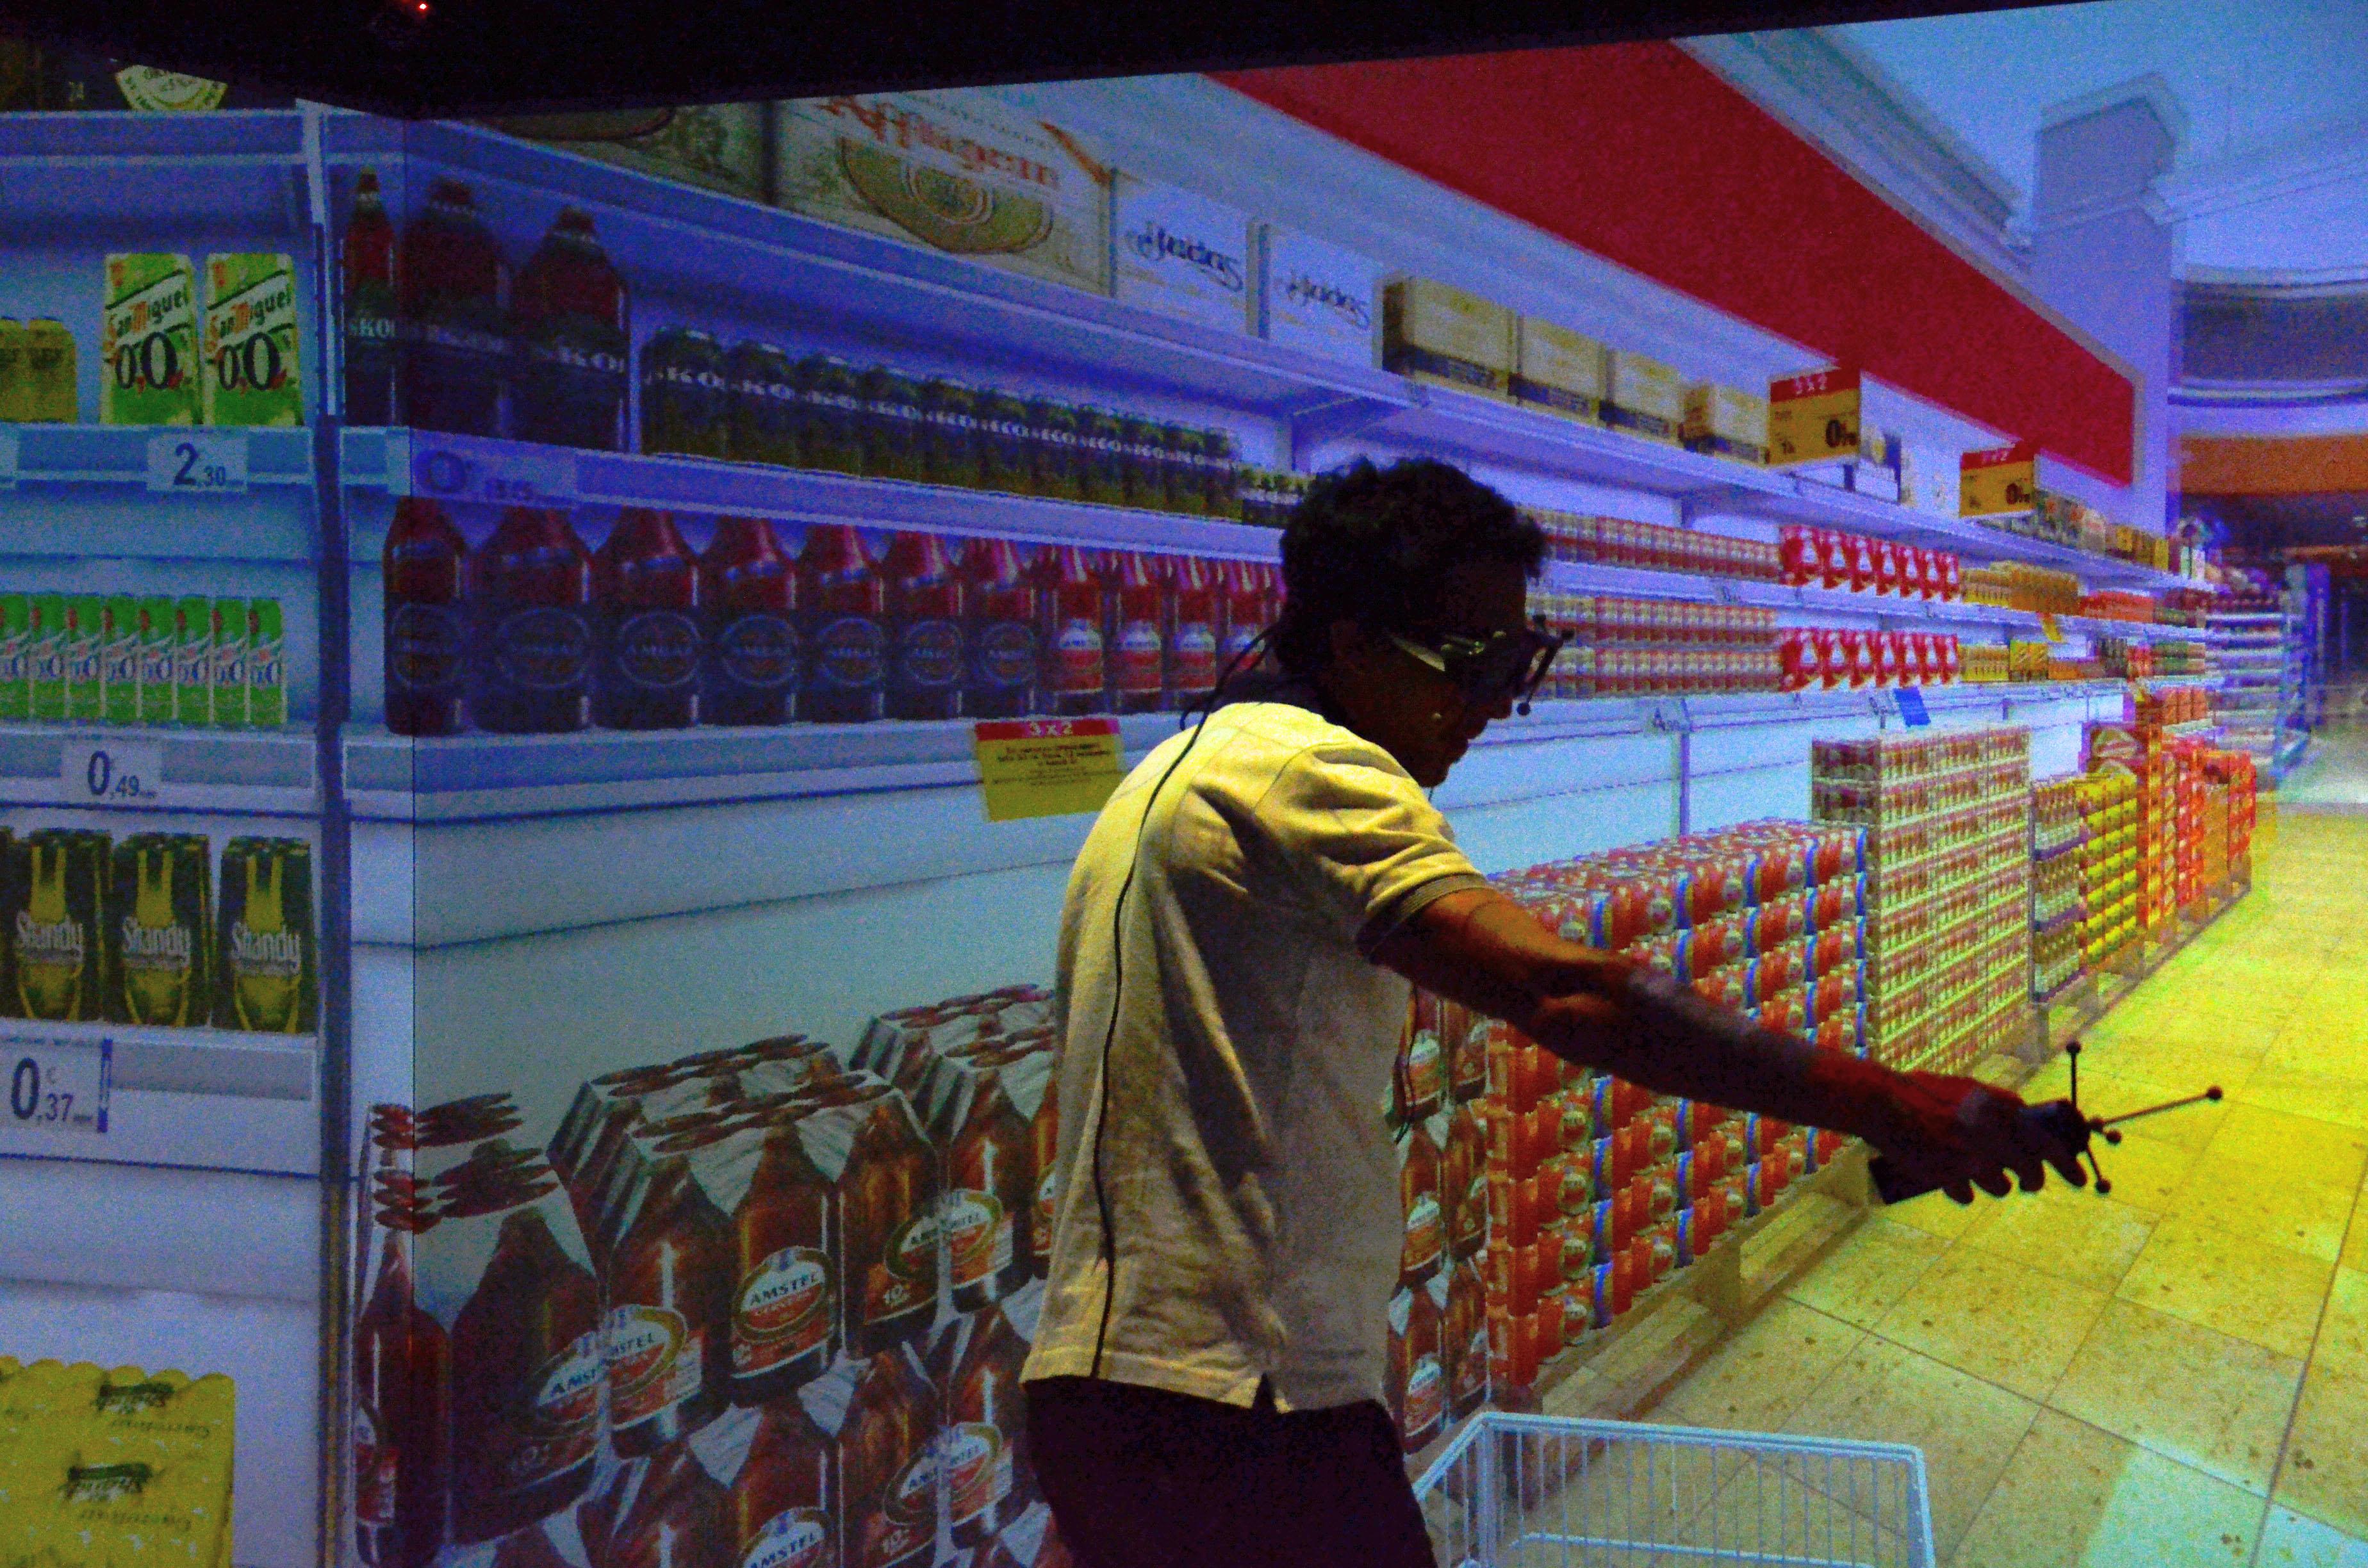 El recorrido en la tienda y el patrón visual de la mirada predicen el comportamiento del consumidor